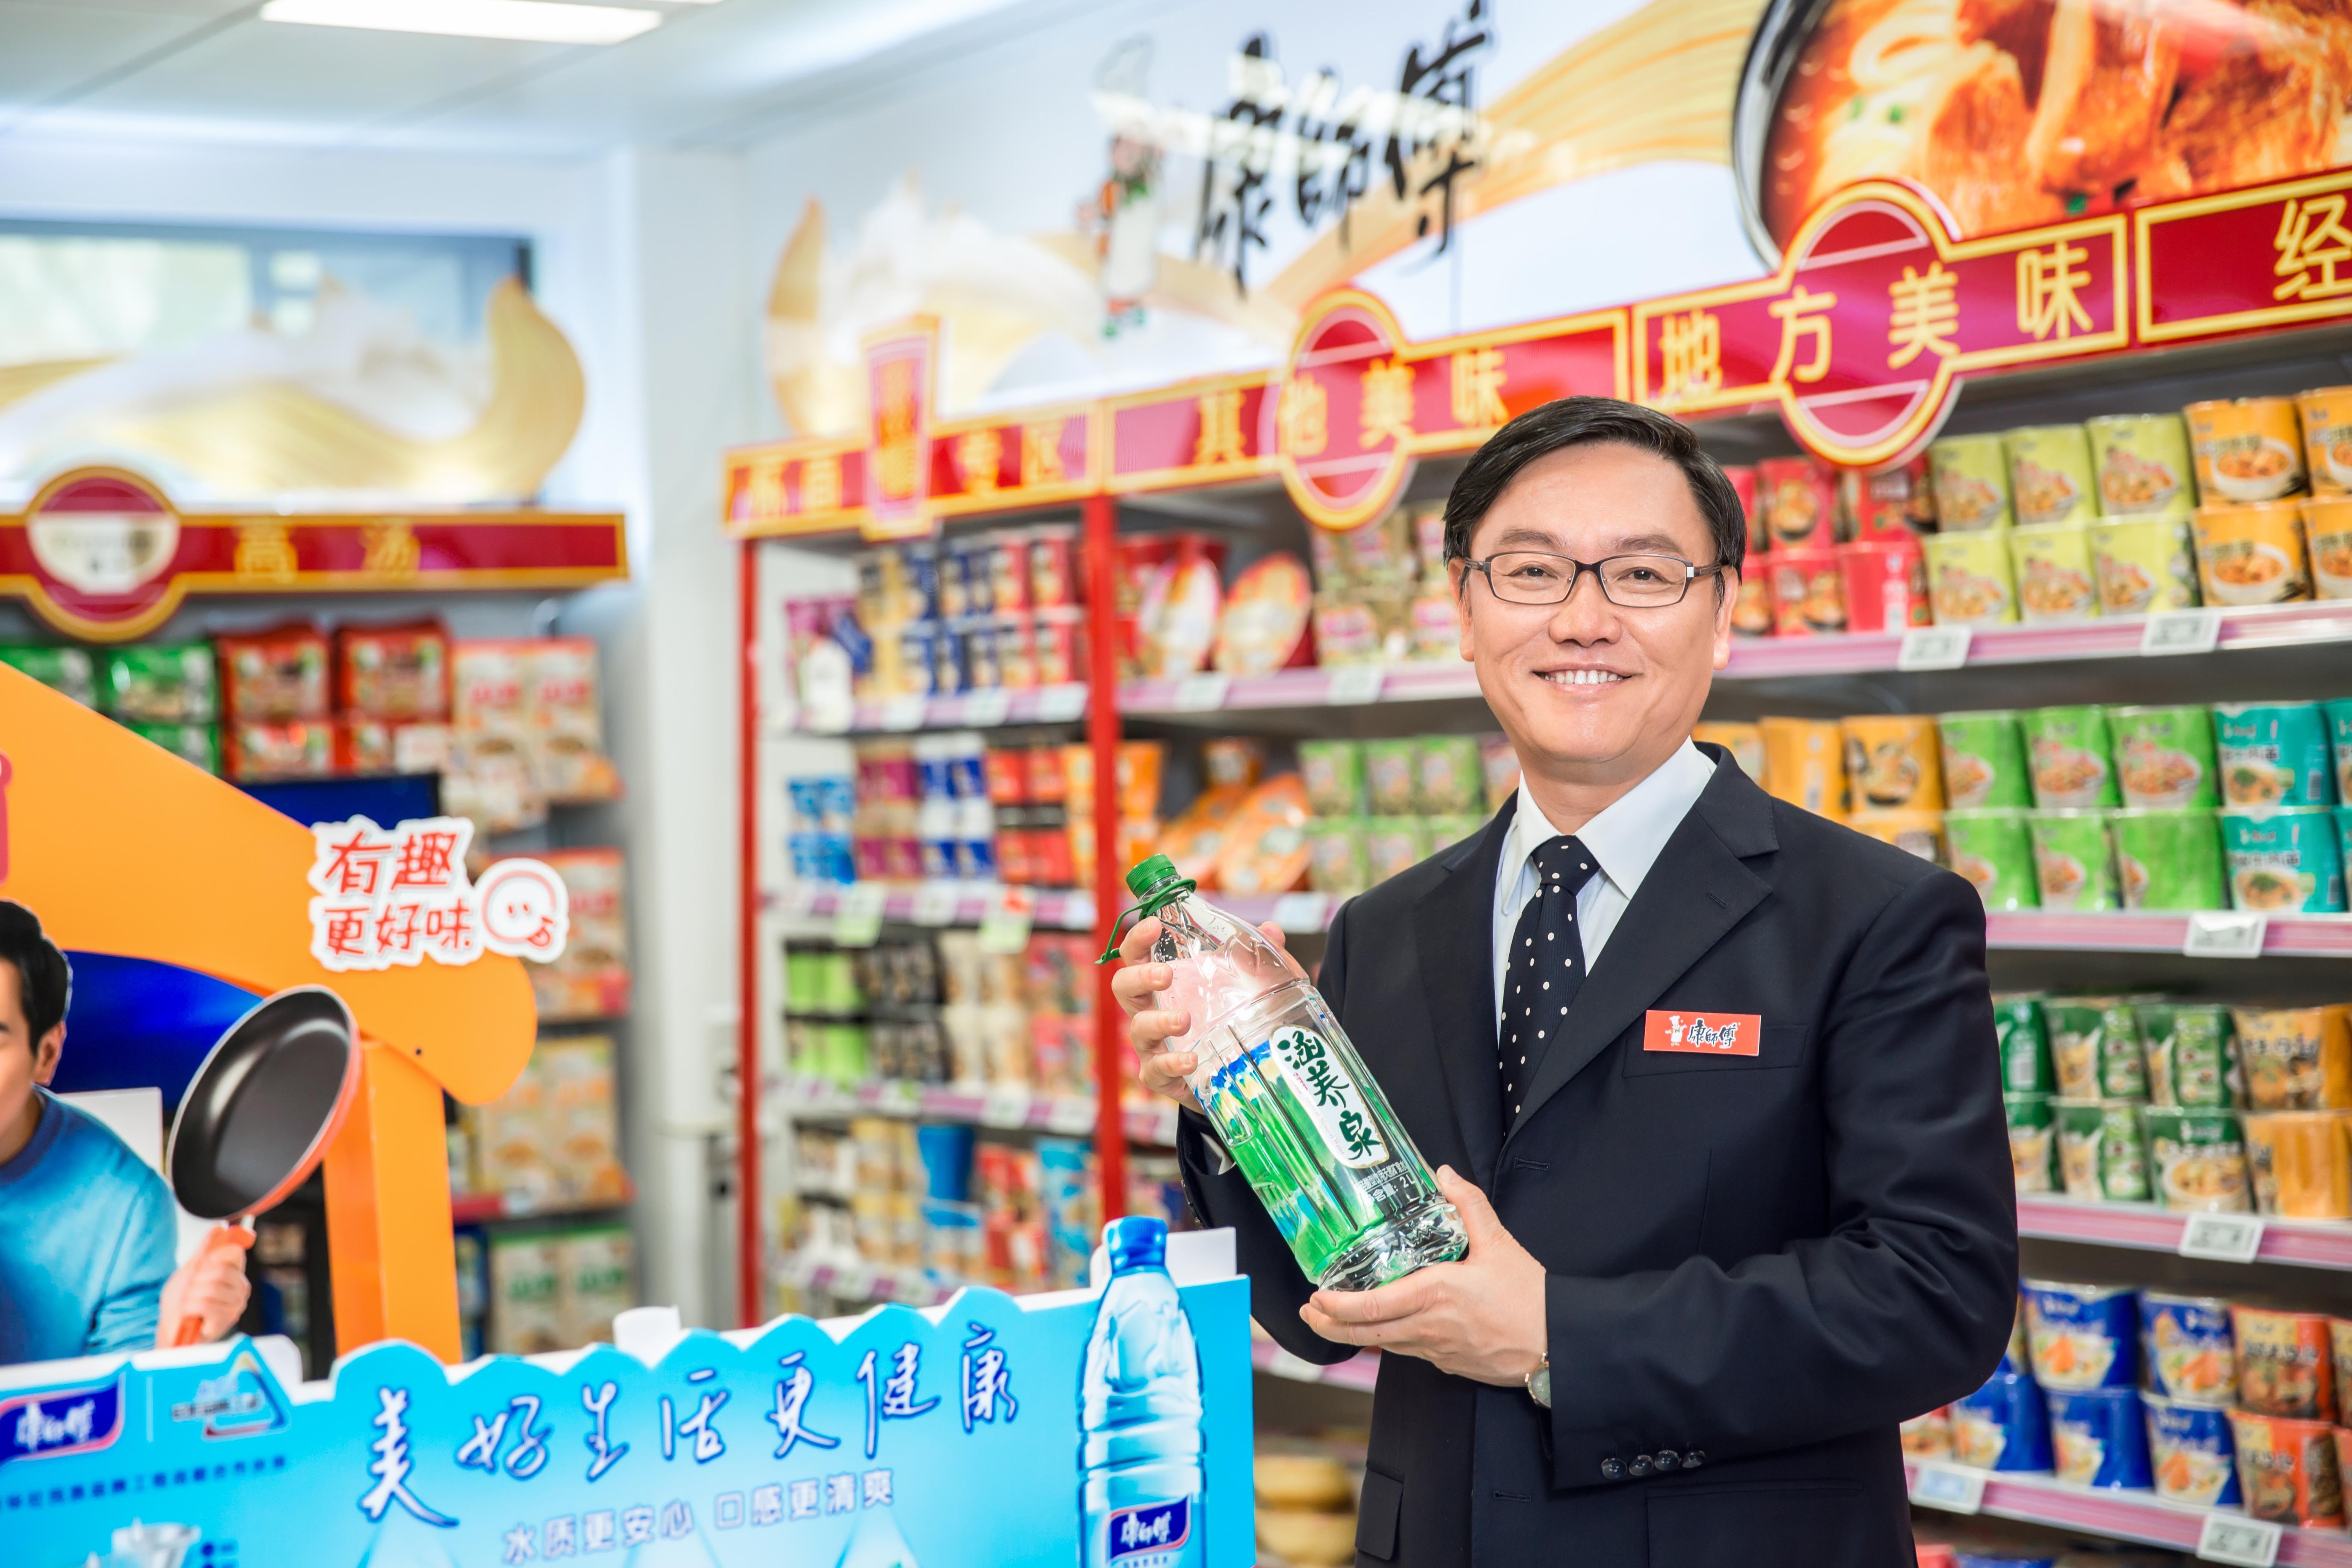 韦俊贤在康师傅控股有限公司通路创新中心